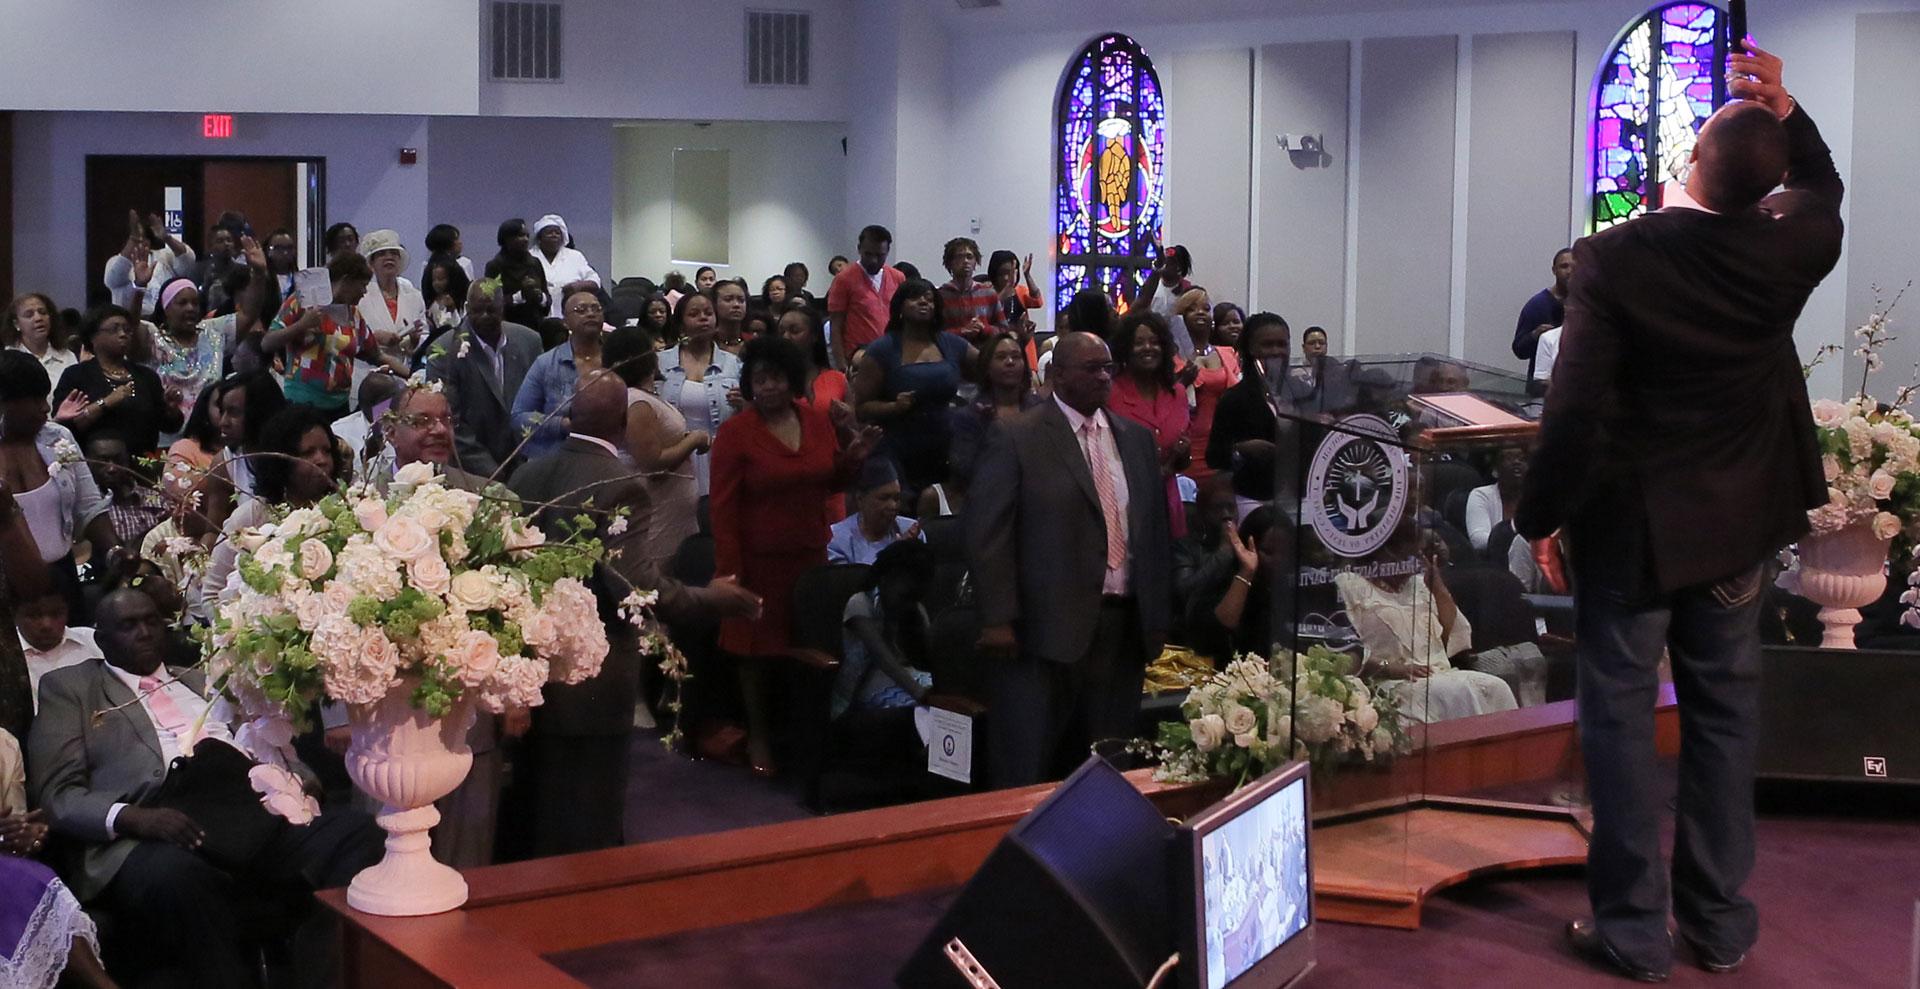 Greater St Paul Baptist Church